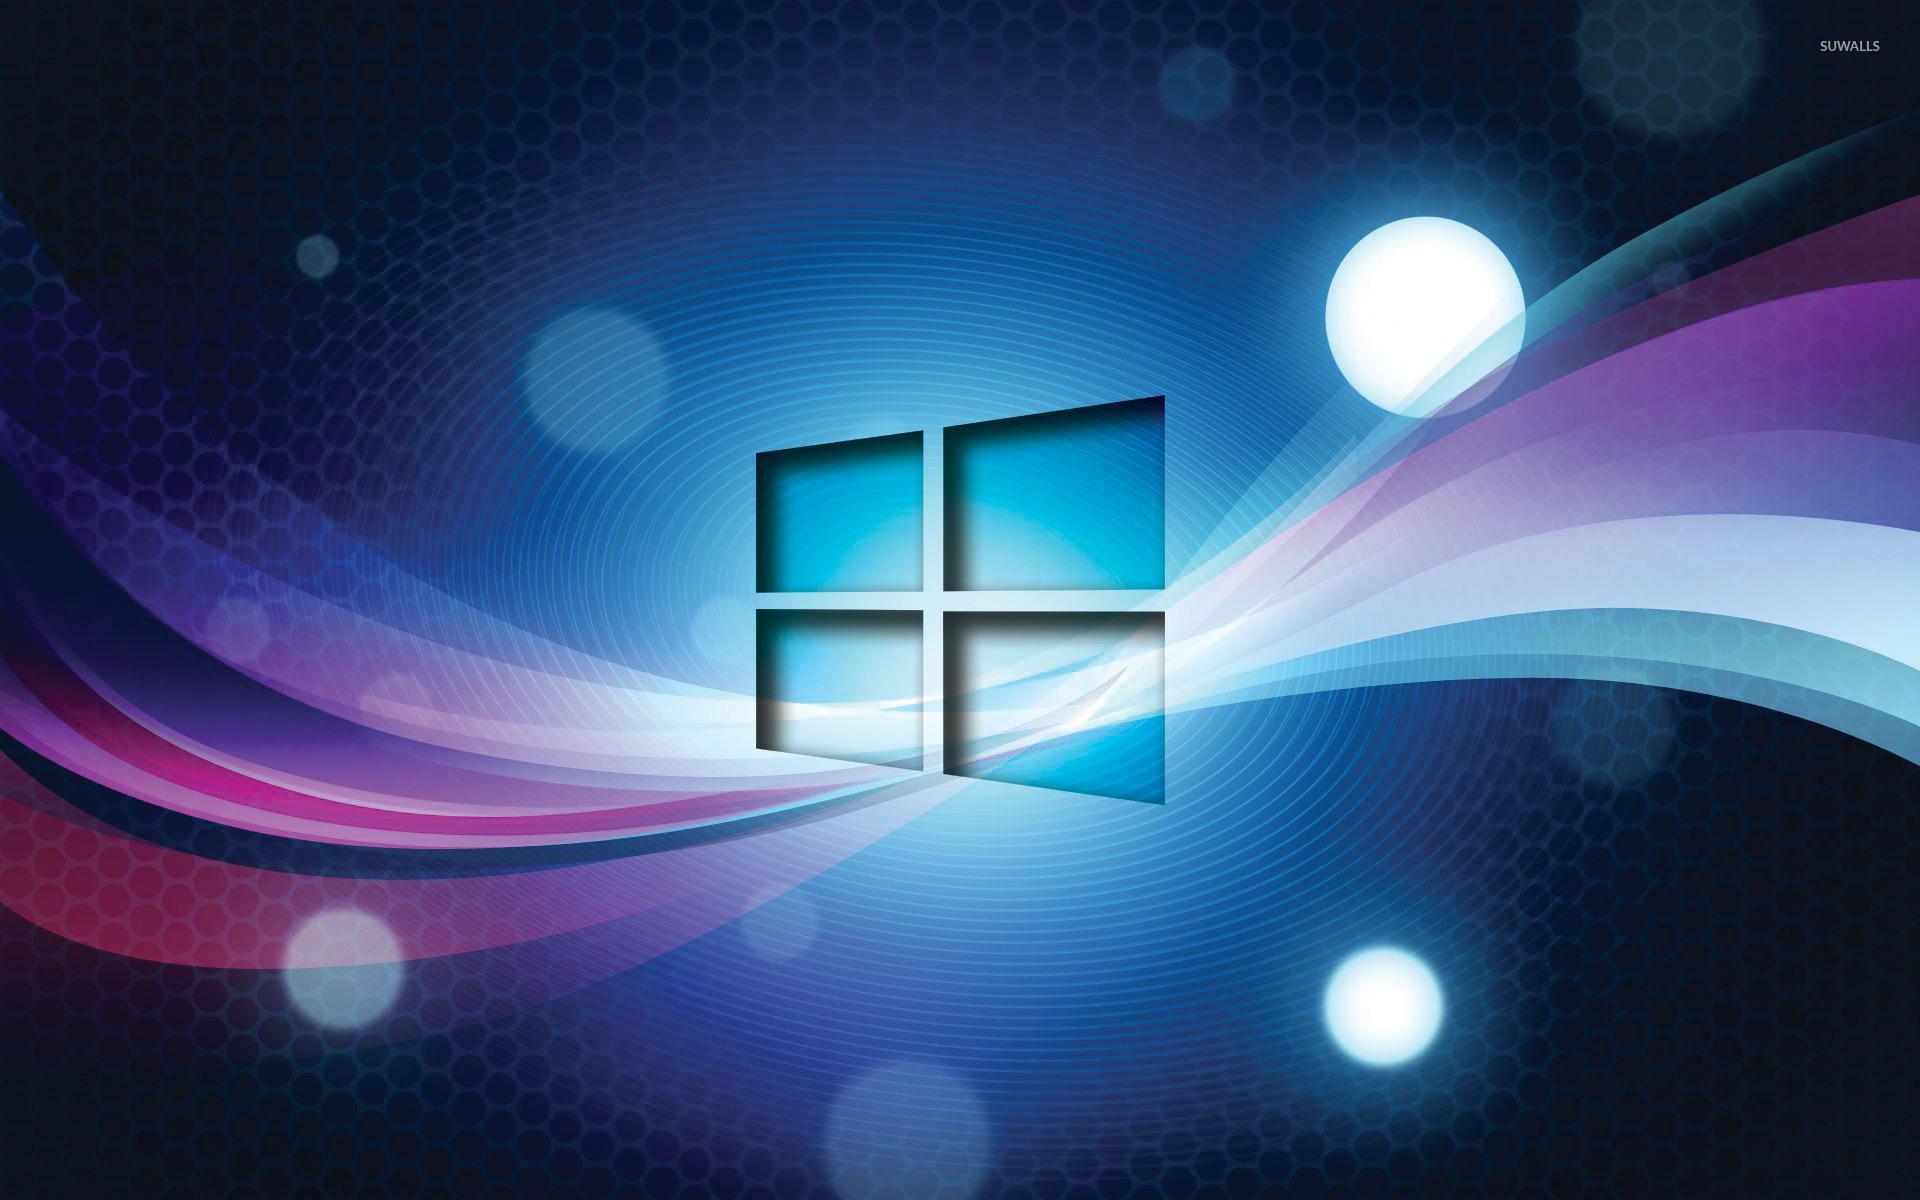 Imagen de logotipo de Windows 10